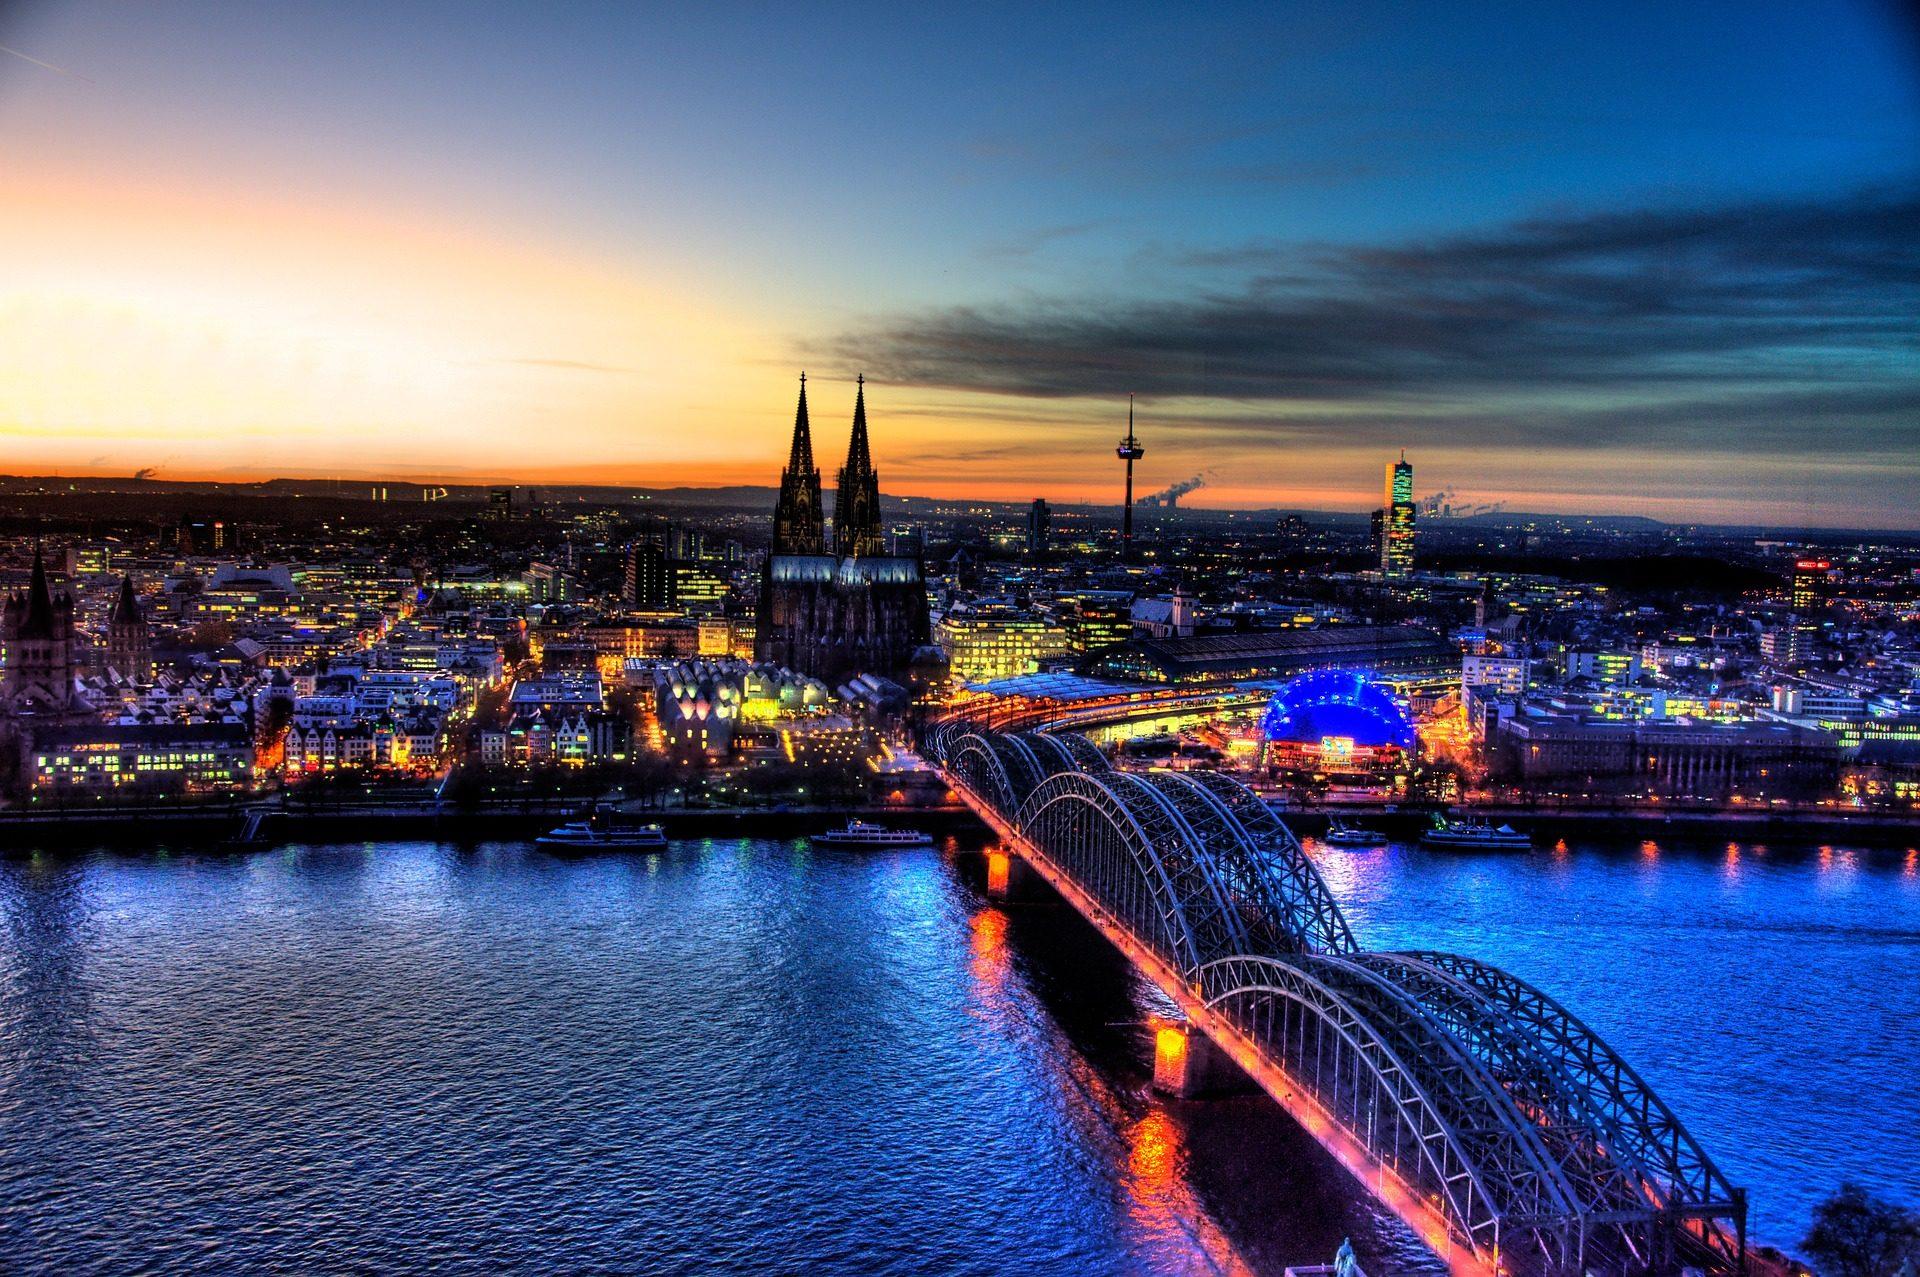 Schwimmbad Schall jetzt acuh in Köln